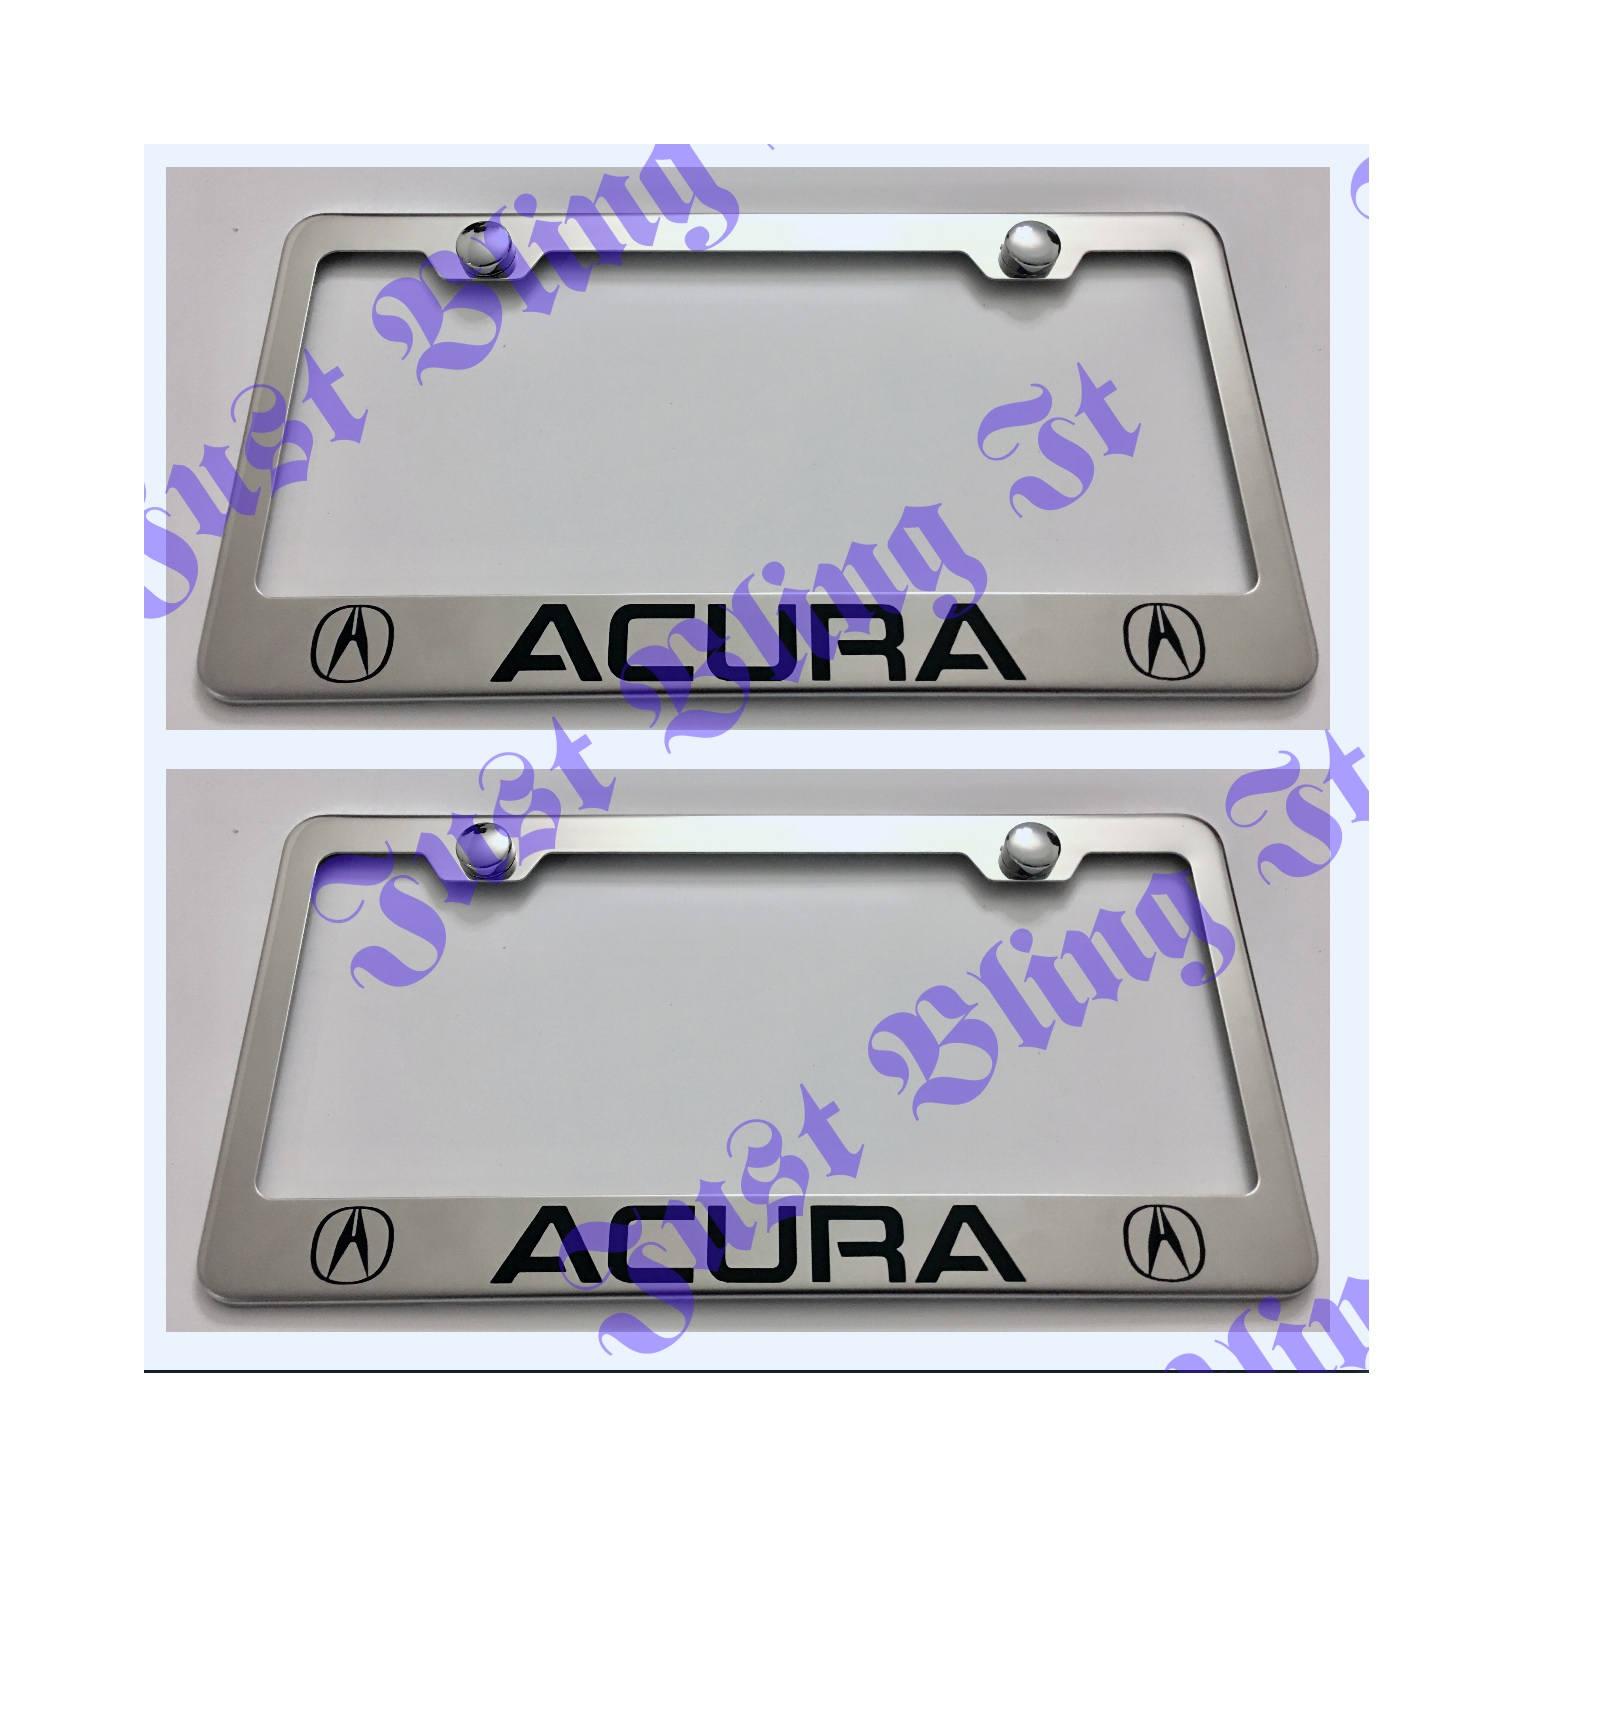 Zwei 2 X Acura Edelstahl Nummernschild Rahmen Rost